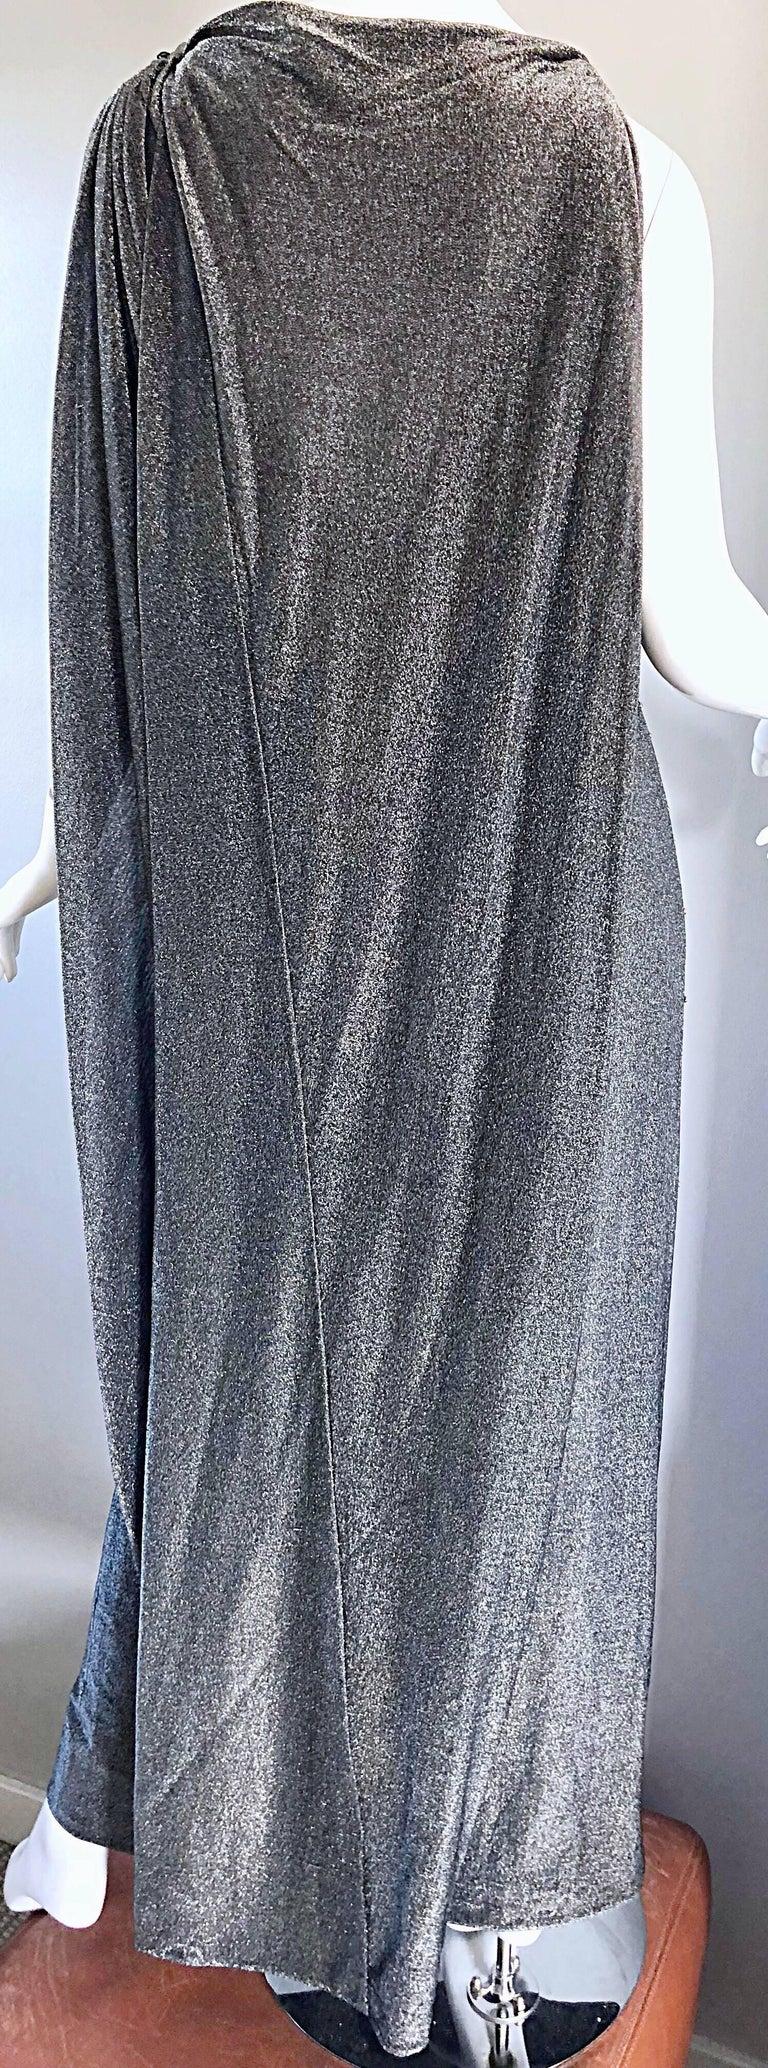 Geoffrey Beene 1960s Gunmetal Metallic Silk Lurex Rhinestone Vintage Cape Gown For Sale 3